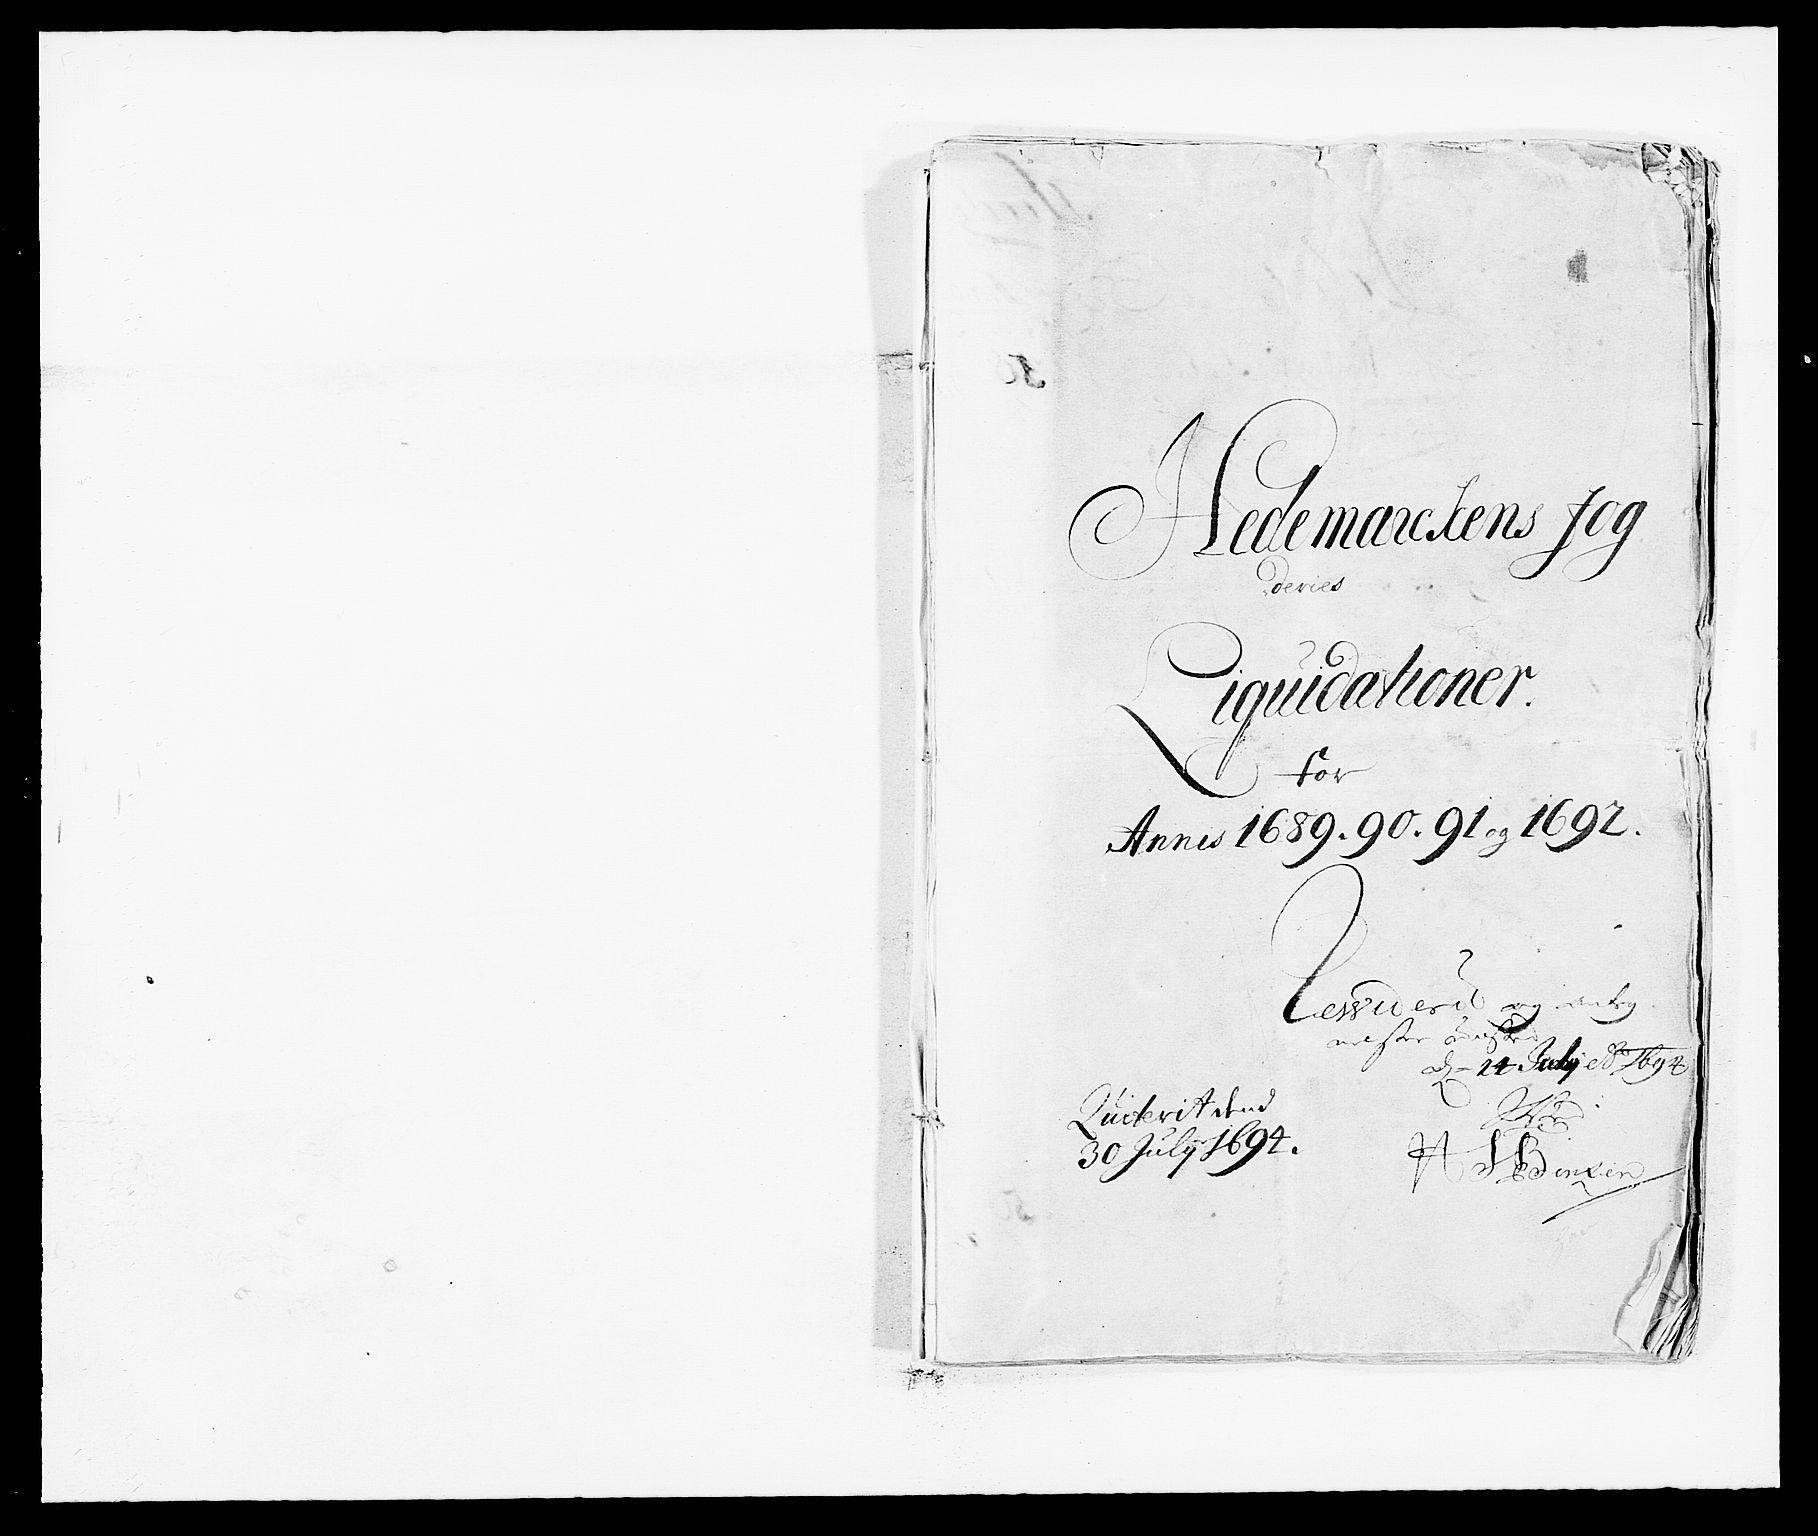 RA, Rentekammeret inntil 1814, Reviderte regnskaper, Fogderegnskap, R16/L1030: Fogderegnskap Hedmark, 1689-1691, s. 1